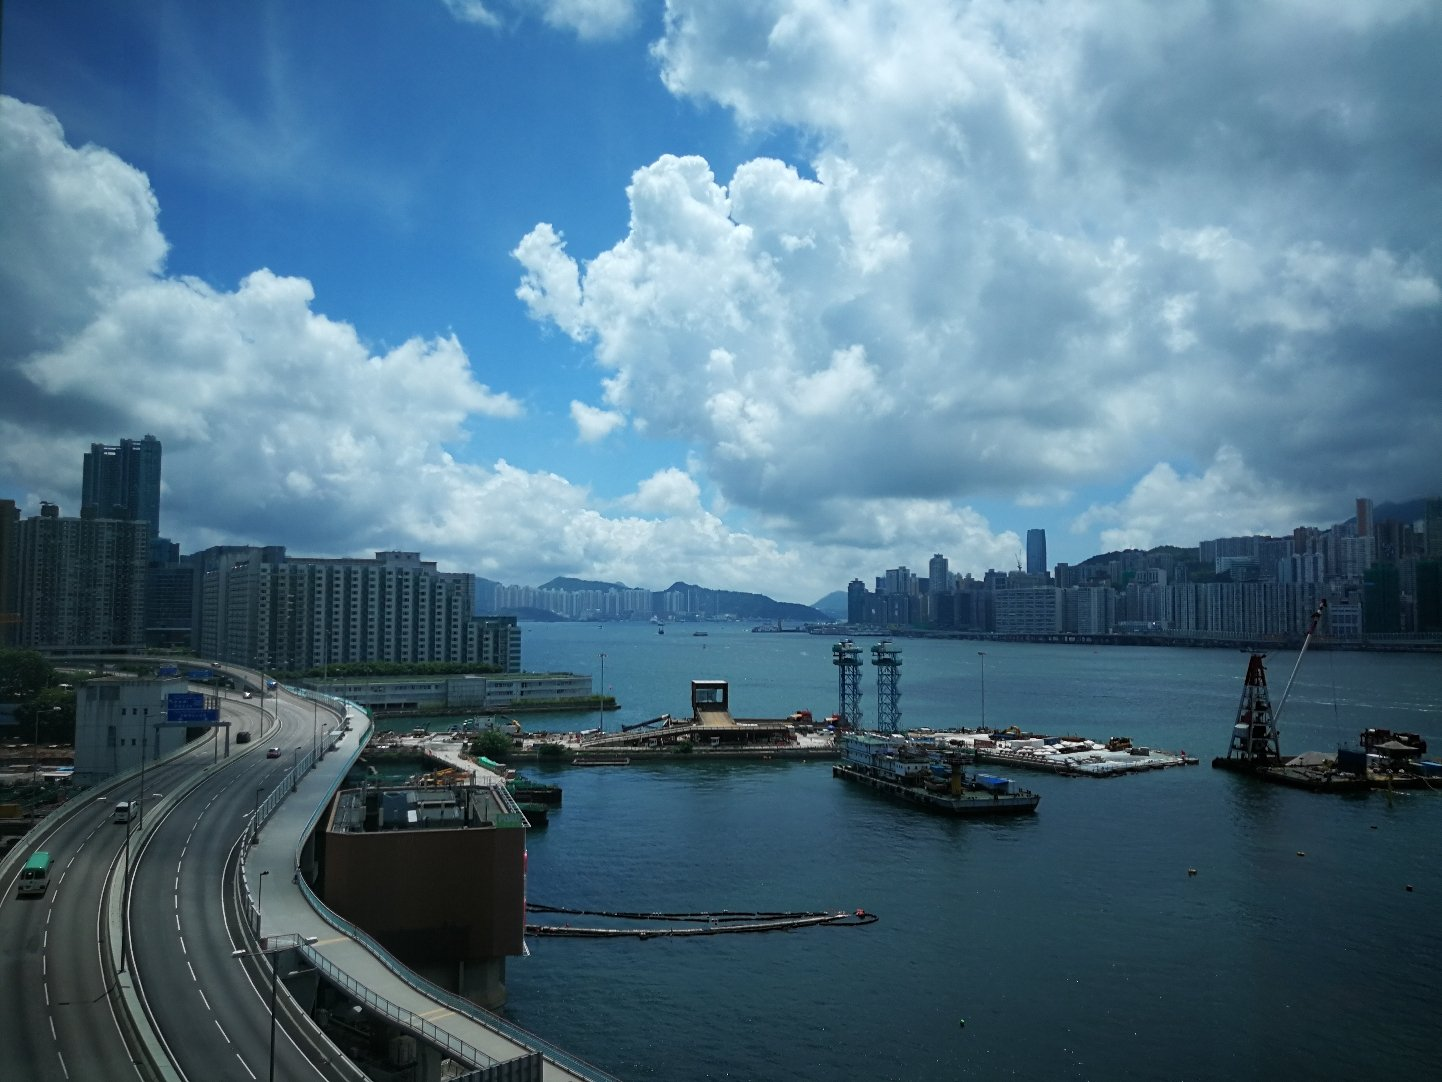 香港特别行政区香港特别行政区油尖旺区红游戏62号绕道香港千禧新世橙光通关夏长安靠近图片